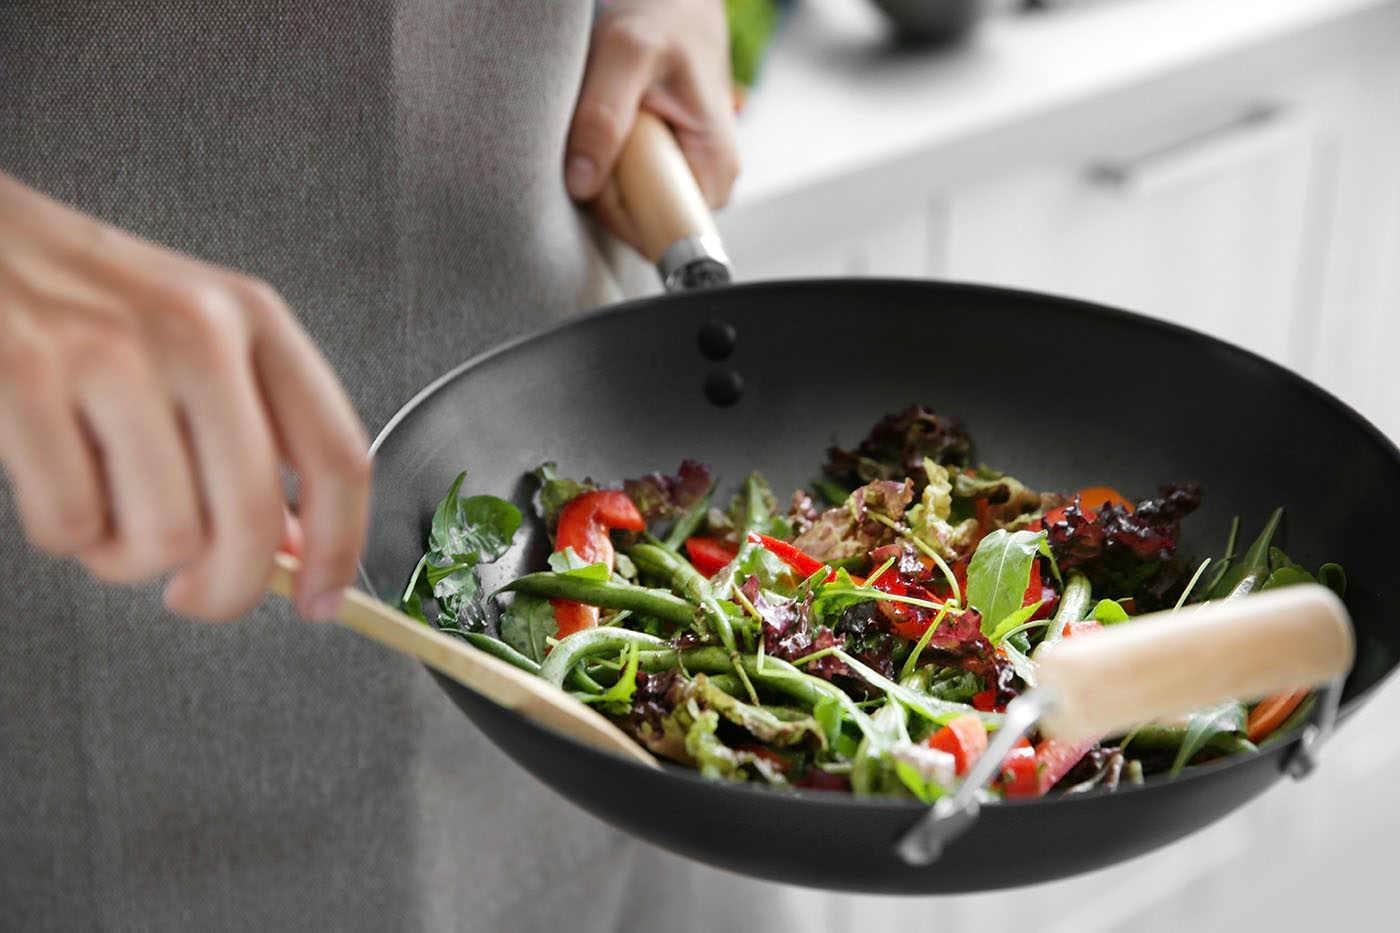 Cum ar trebui să gătești alimentele, pentru ca vitaminele să nu se piardă?